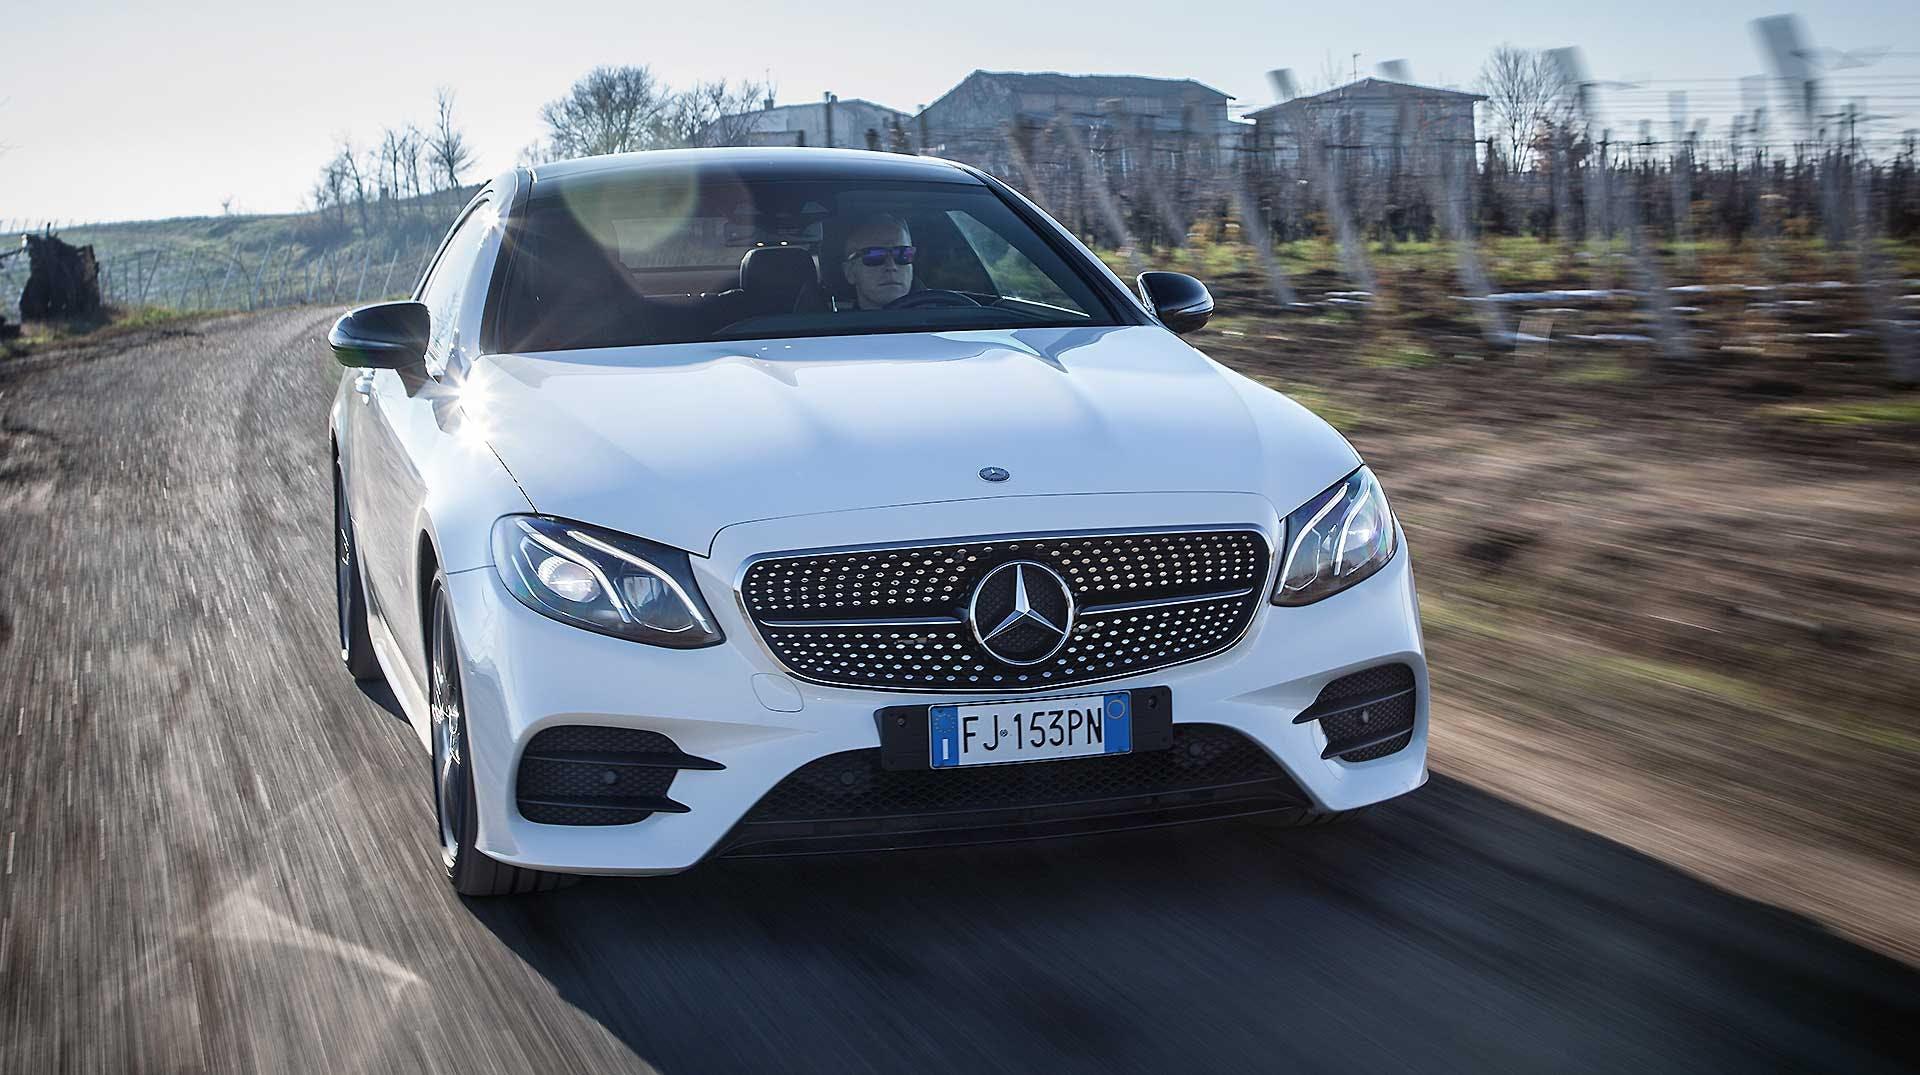 Mercedes E220 Coupe bianca movimento camera car